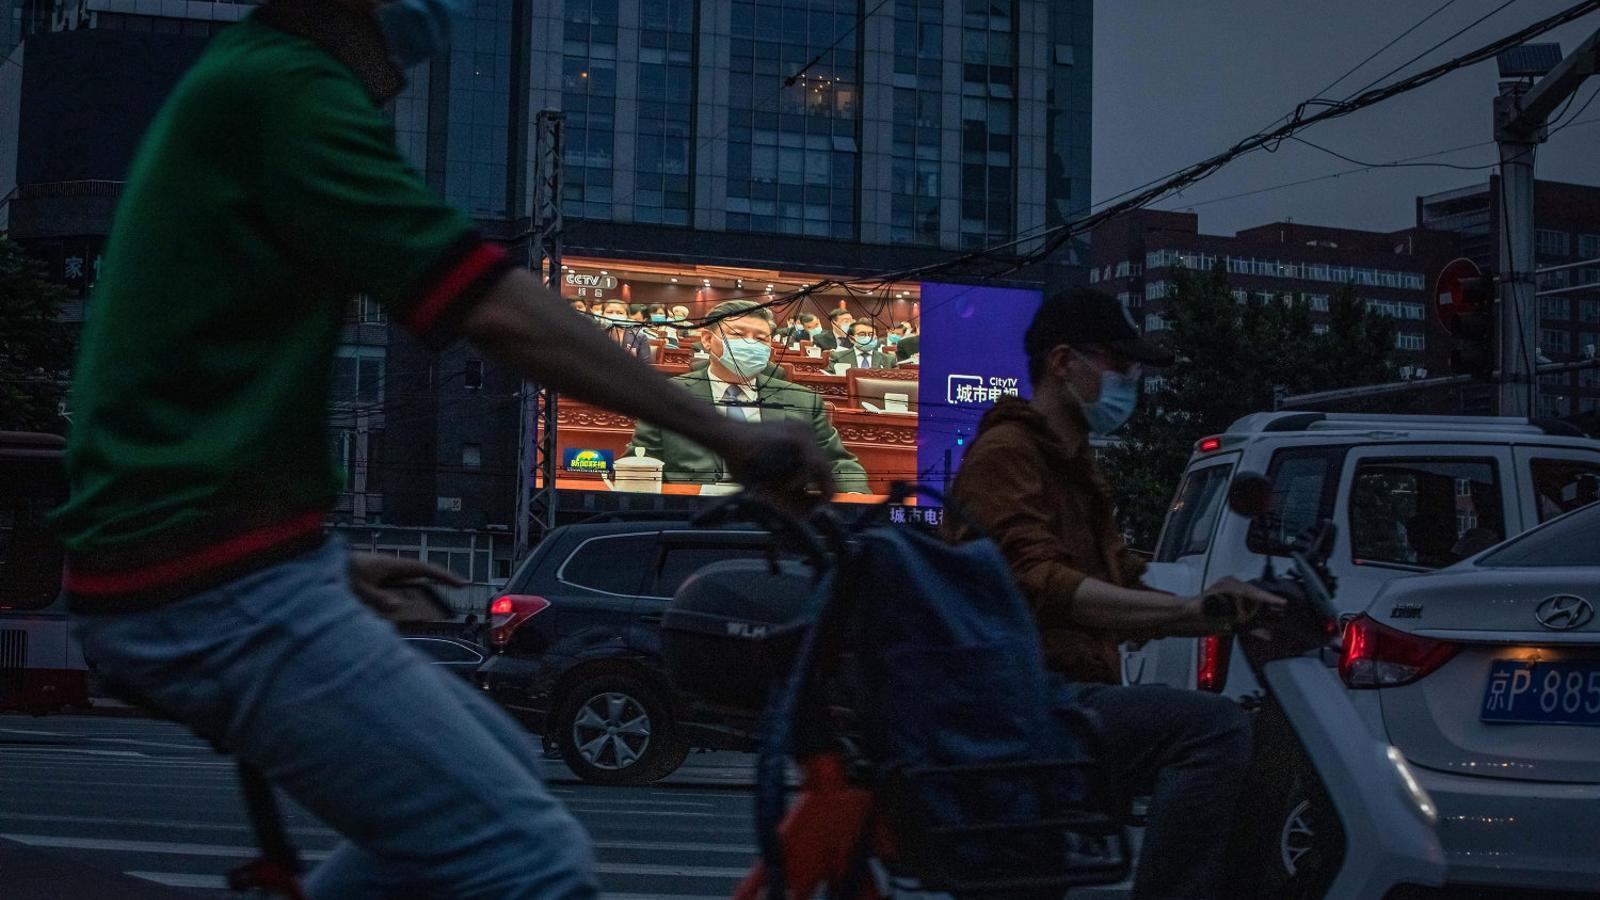 Al fons, una pantalla que mostra el president xinès, Xi Jinping.